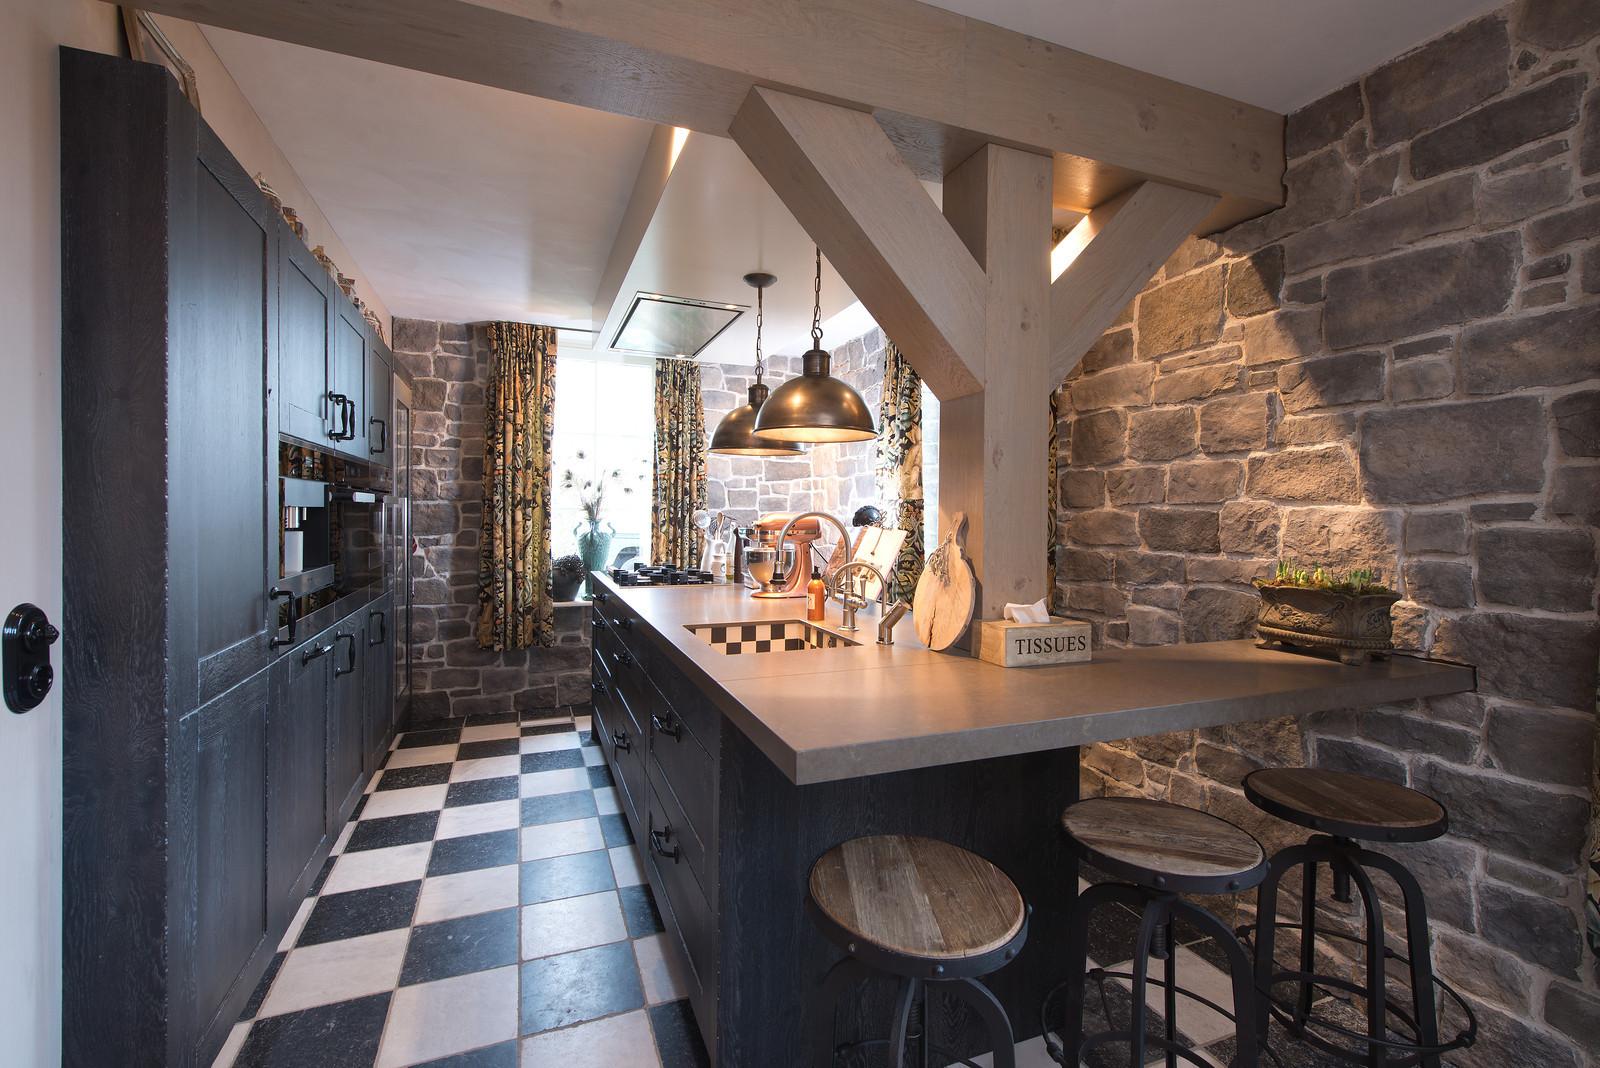 Zwarte keukens  voorbeelden van keukenstijlen   Nieuws Startpagina voor keuken idee u00ebn   UW keuken nl